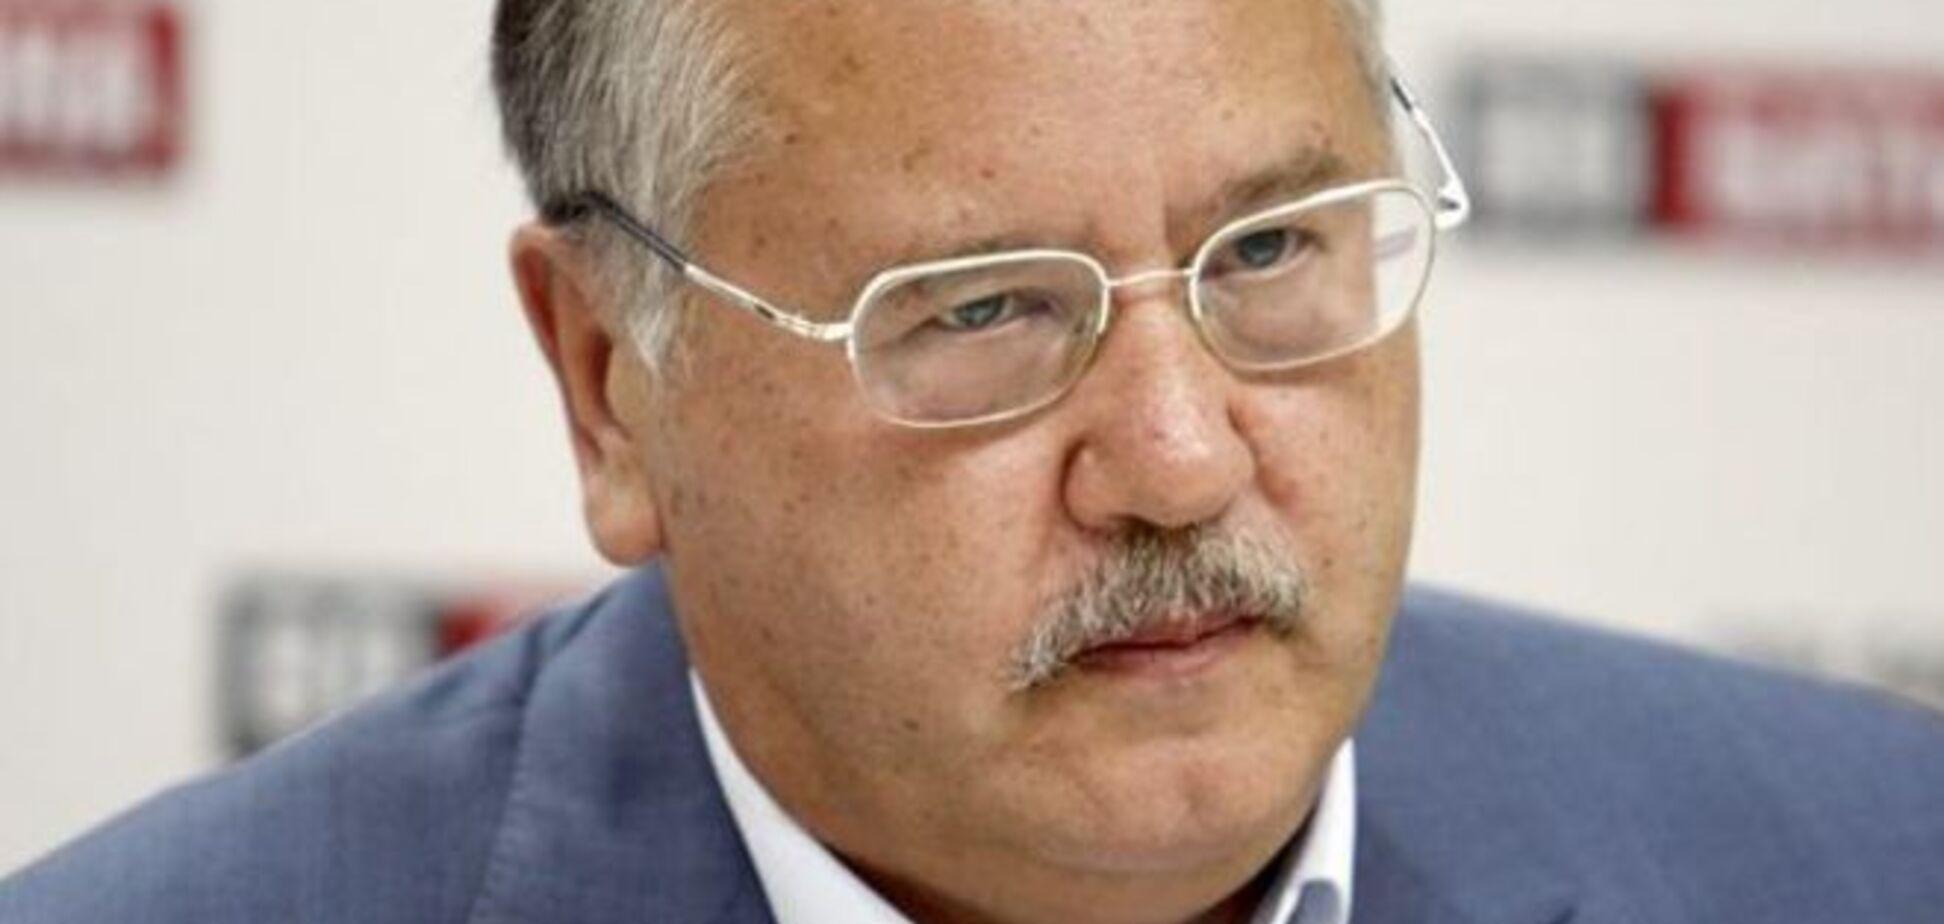 Гриценко: при падении Ил-76 в Луганске погибло 49 военнослужащих